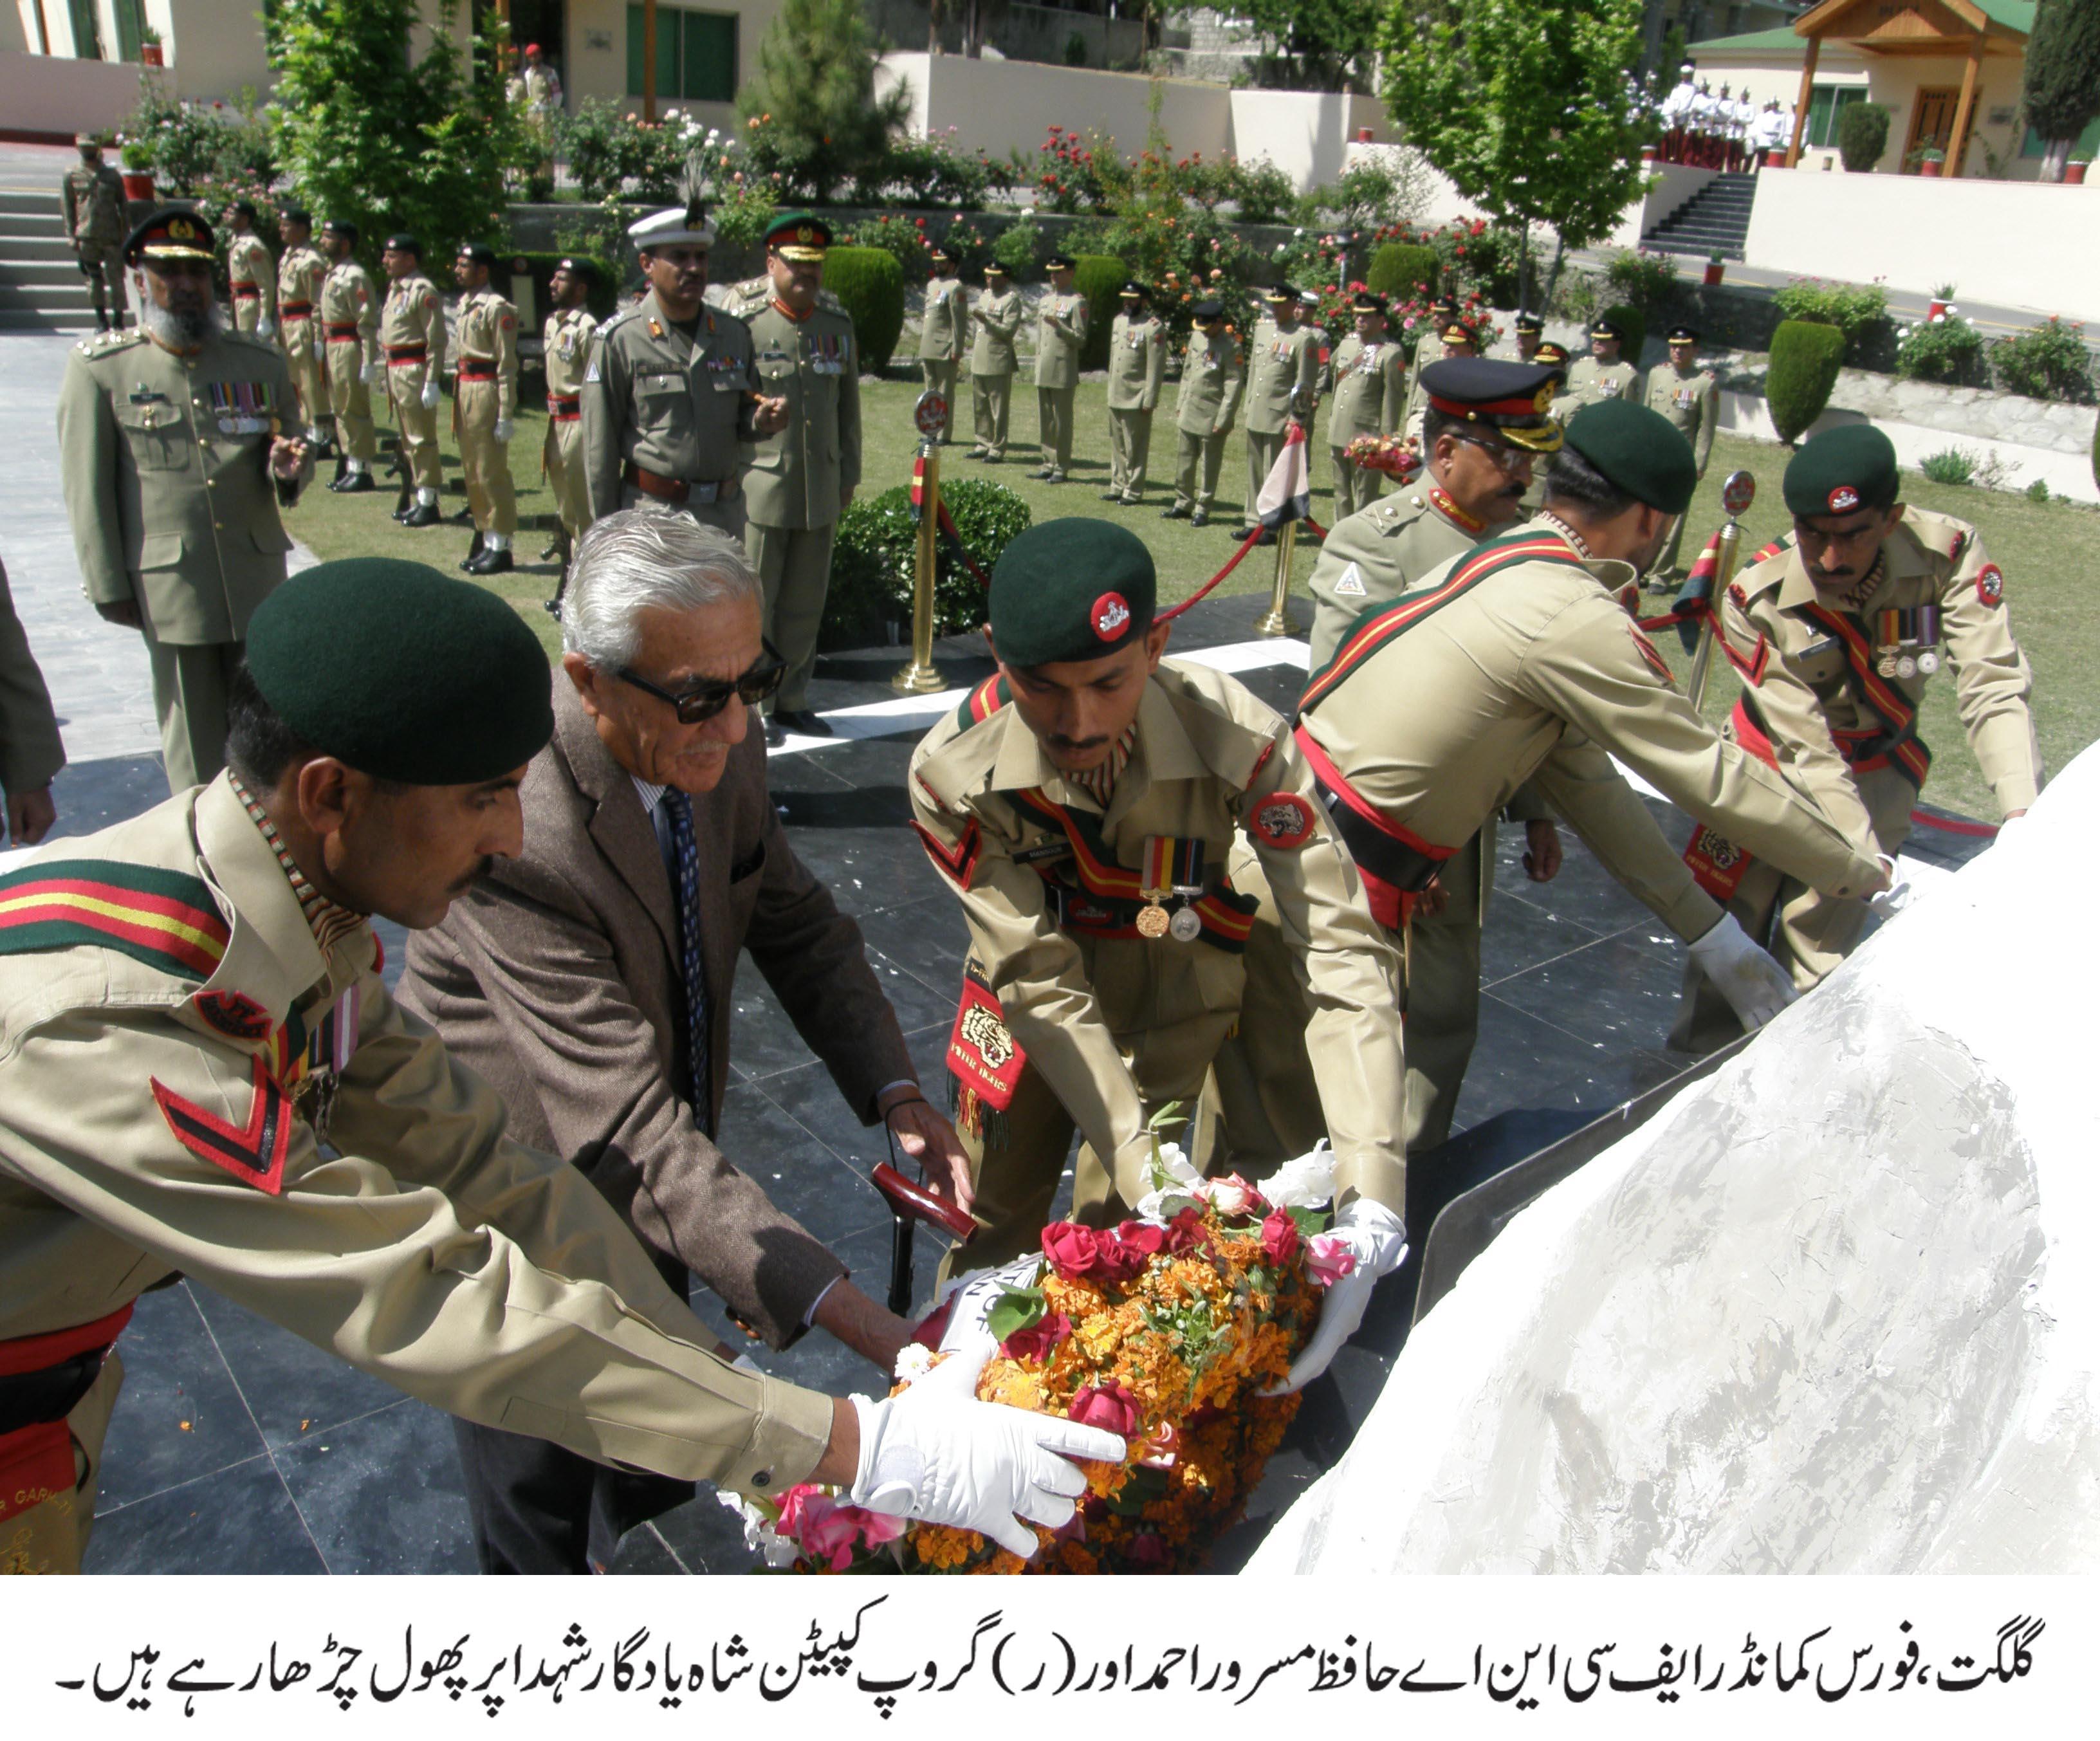 گلگت بلتستان میں یوم شہدا جوش و خروش سے منایا گیا، پاک فوج کے ساتھ یکجہتی کا اظہار